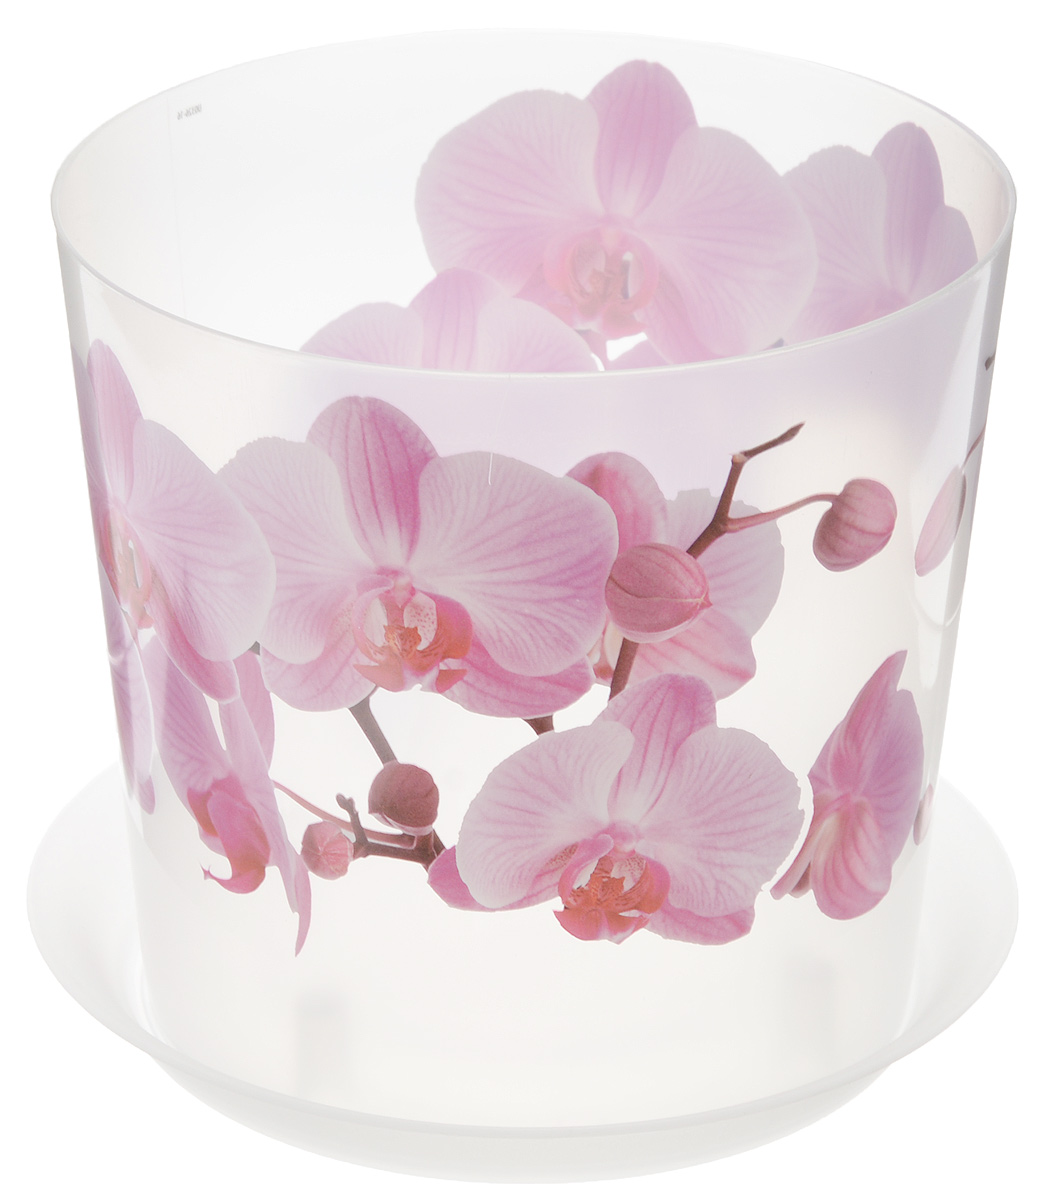 Кашпо Idea Деко, с подставкой, цвет: прозрачный, розовый, 2,4 л ершик для унитаза idea лотос деко барокко с подставкой высота 36 см